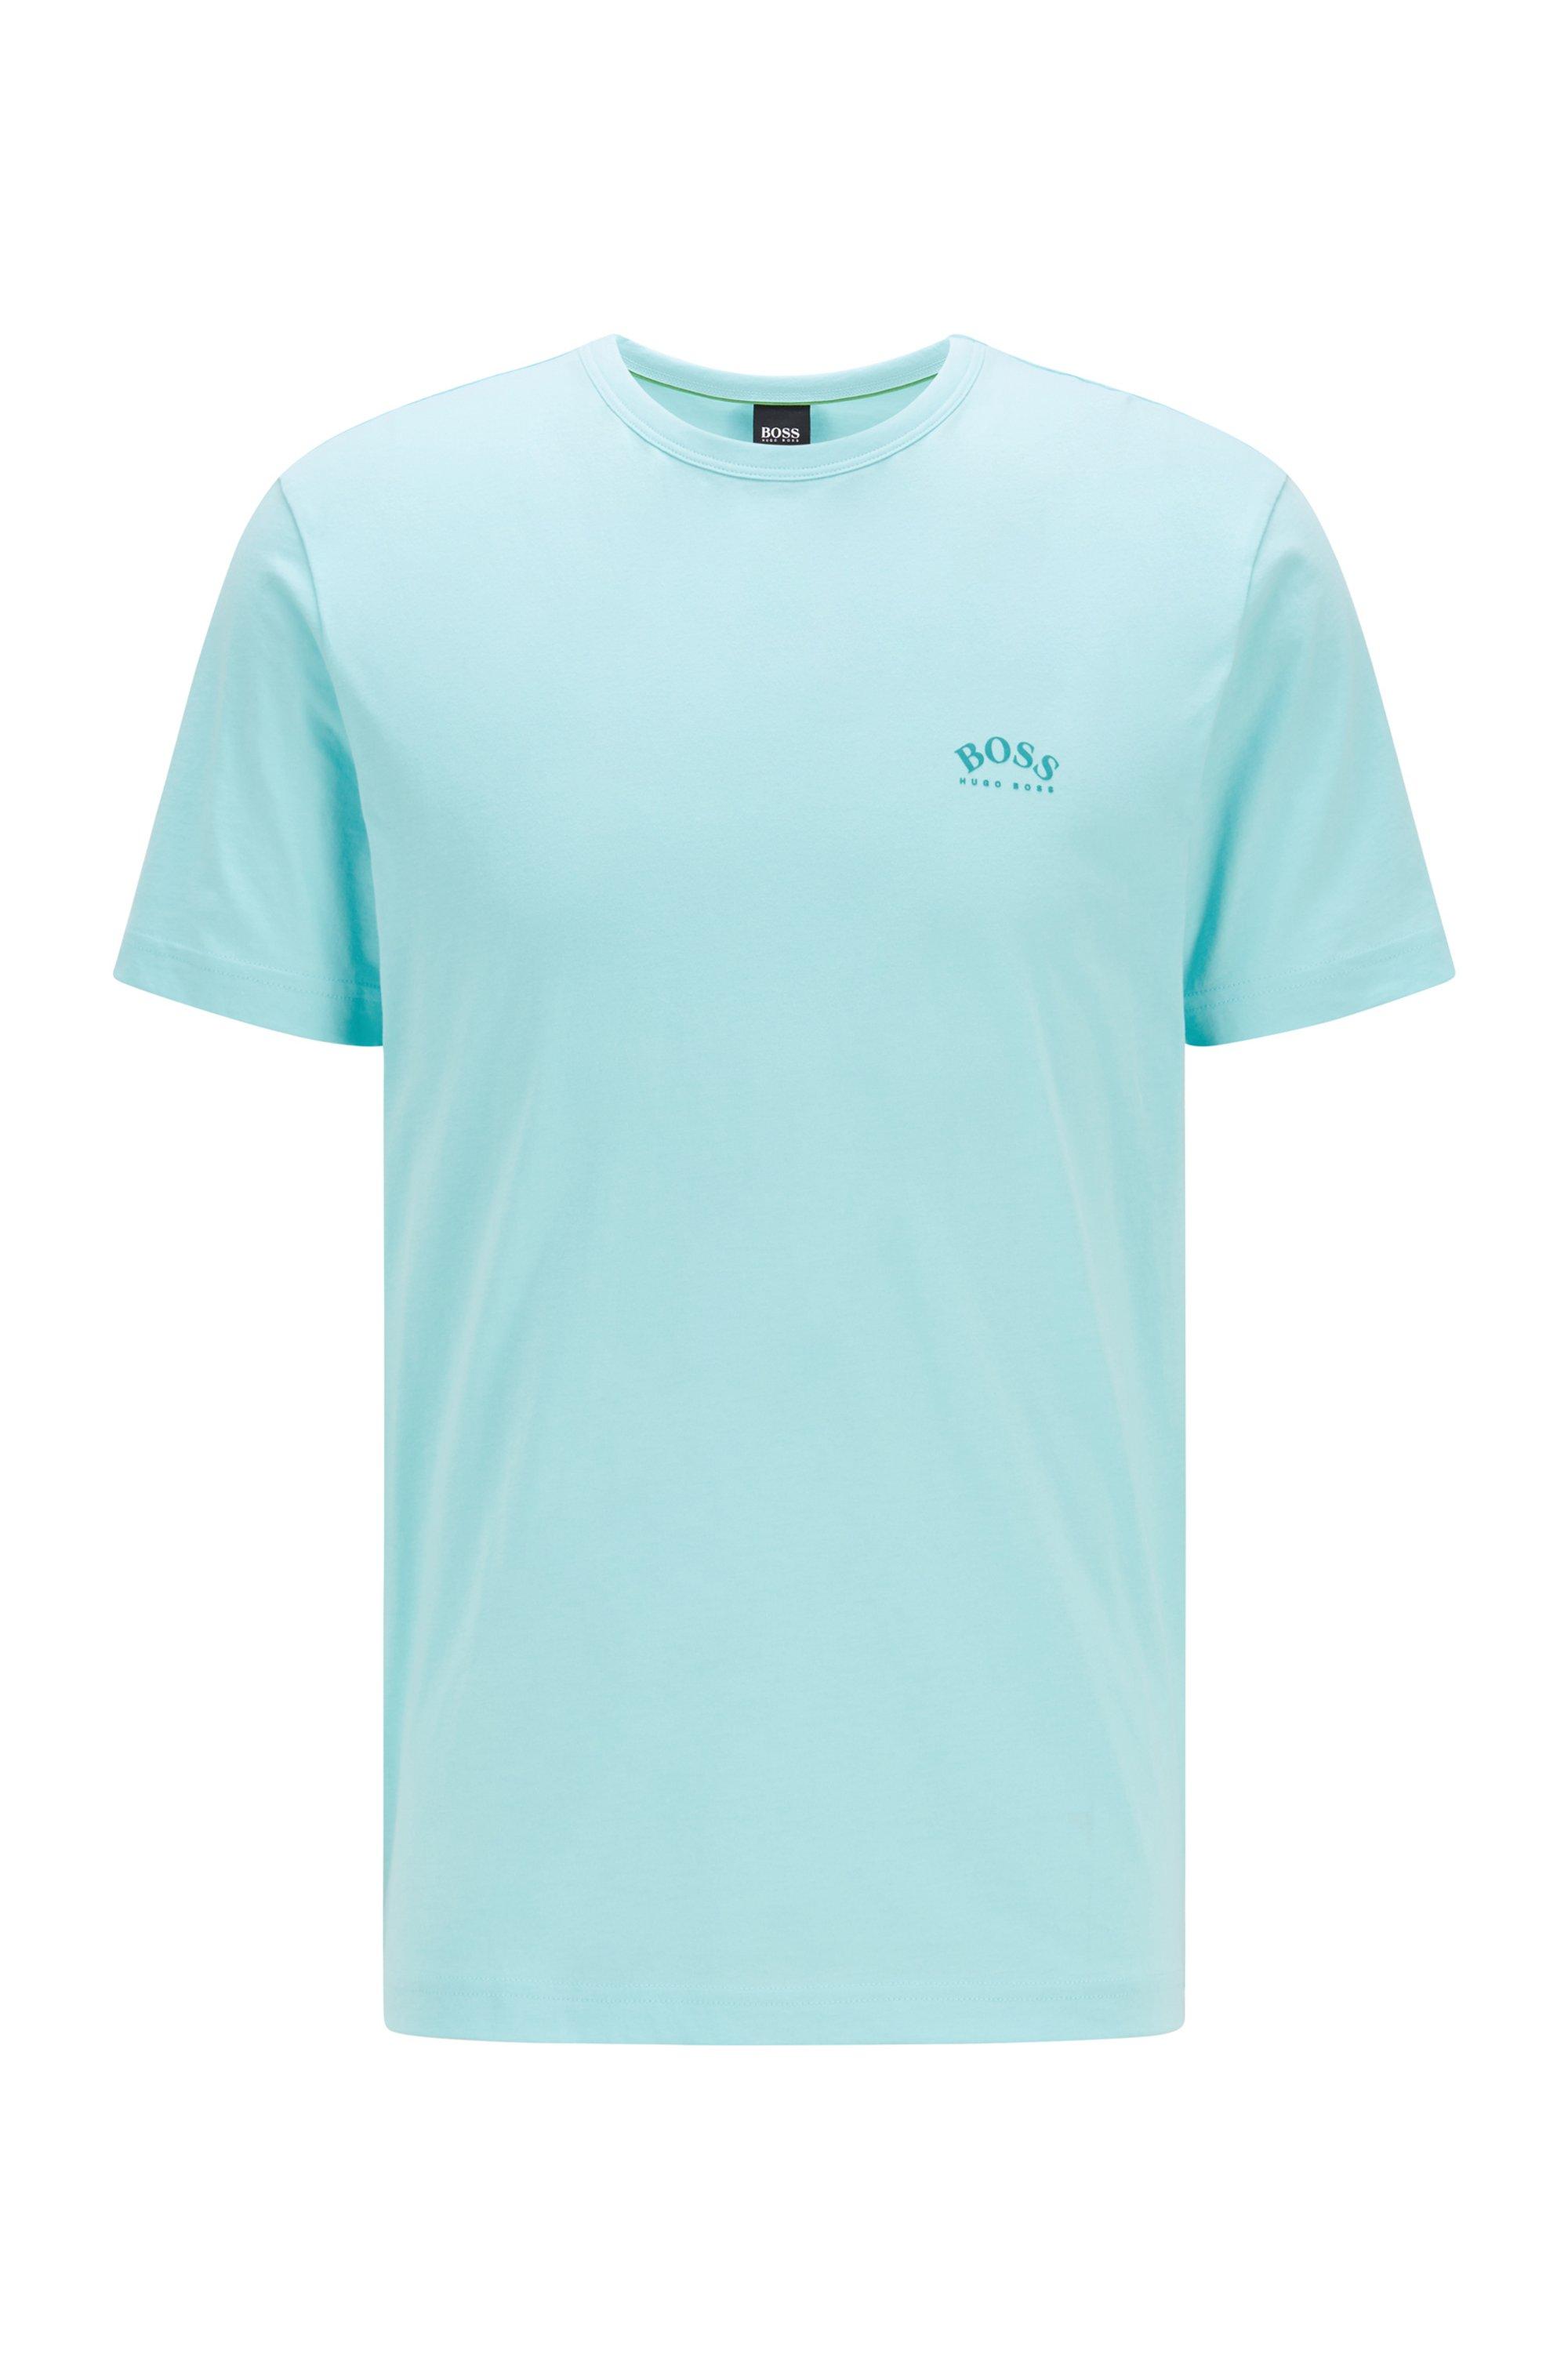 T-shirt en jersey de coton à logo incurvé, bleu clair